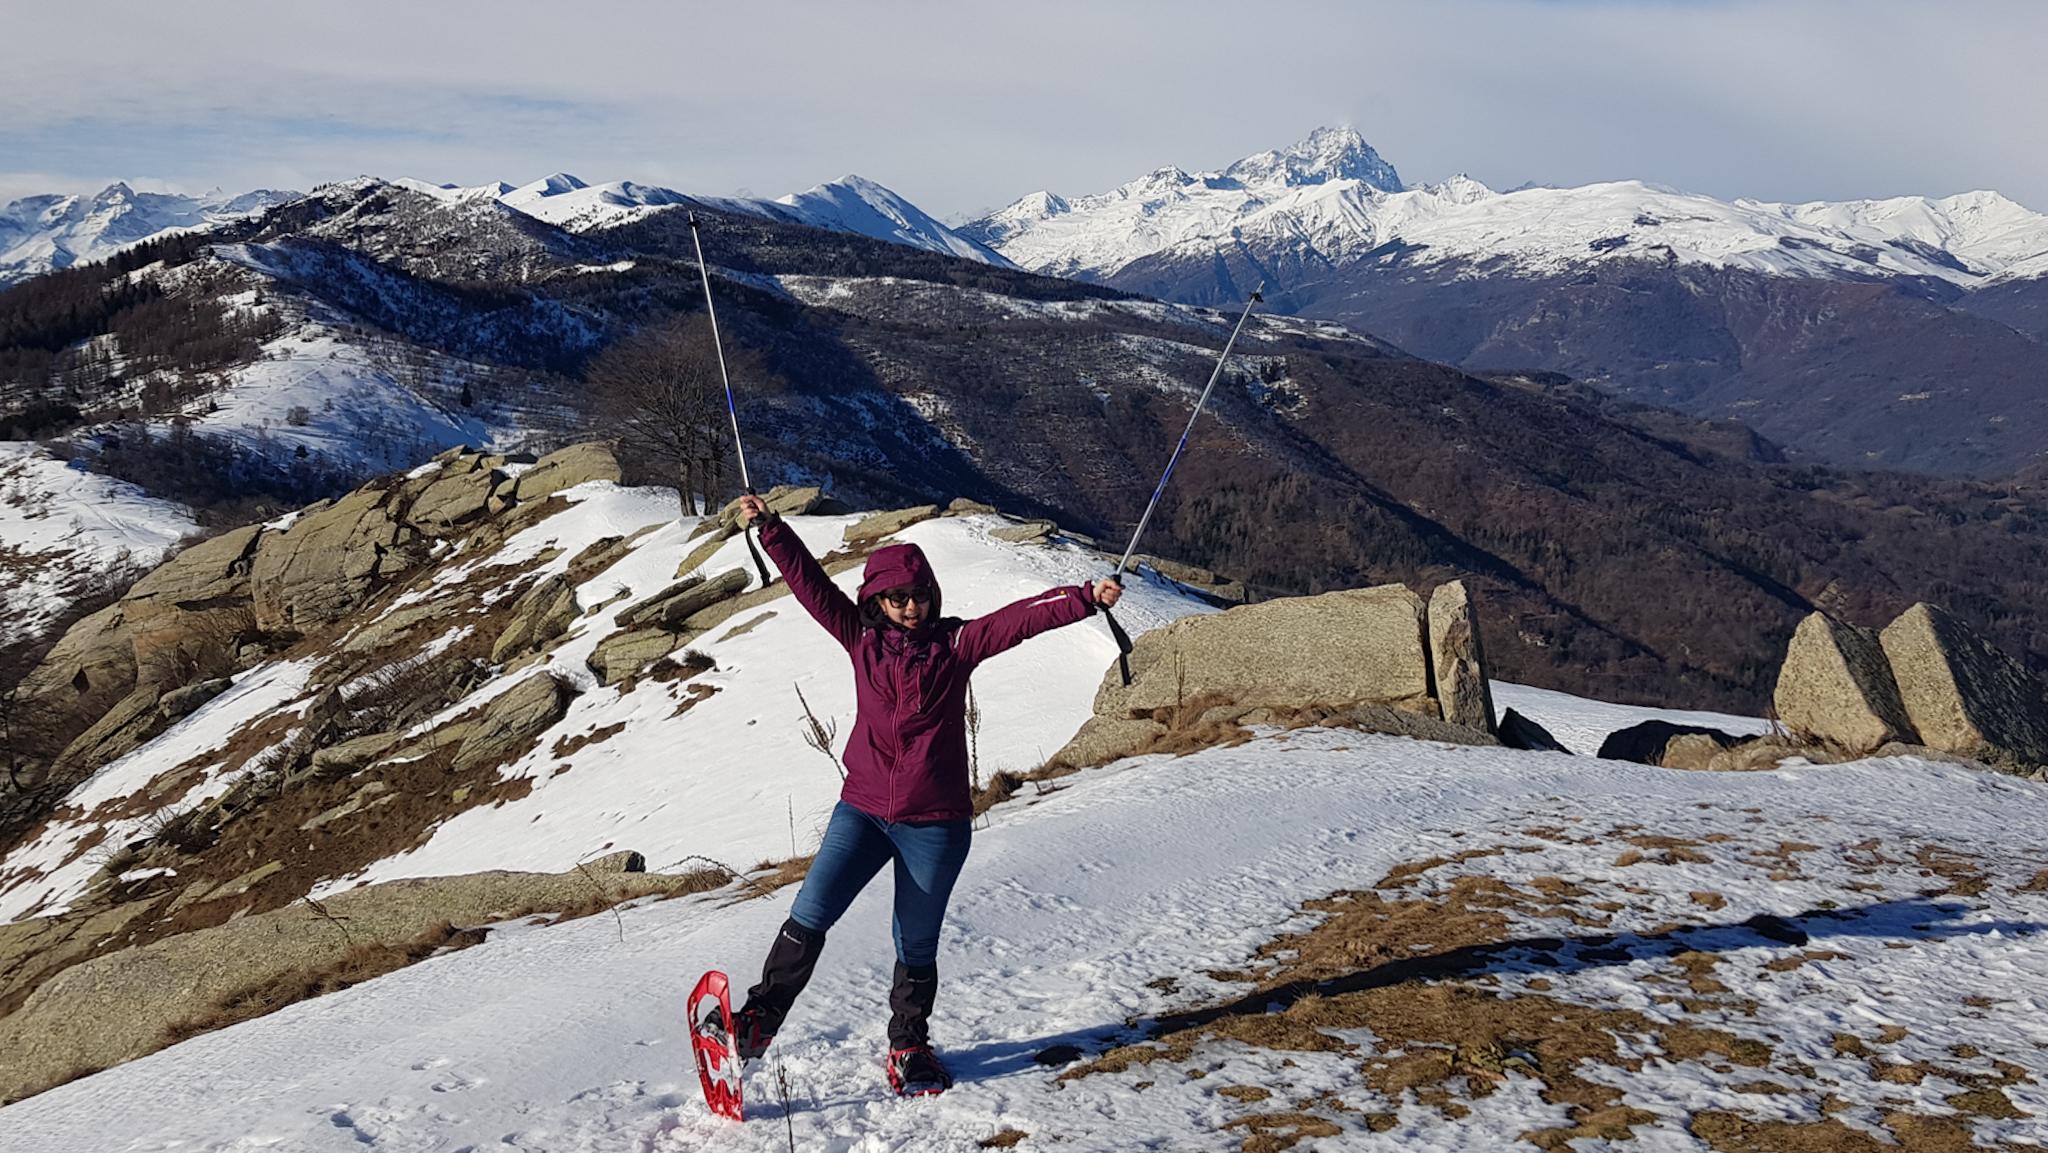 Monte San Bernardo - esemplare raro di Ezia selvatica e sportiva con arnesi buffi ai piedi